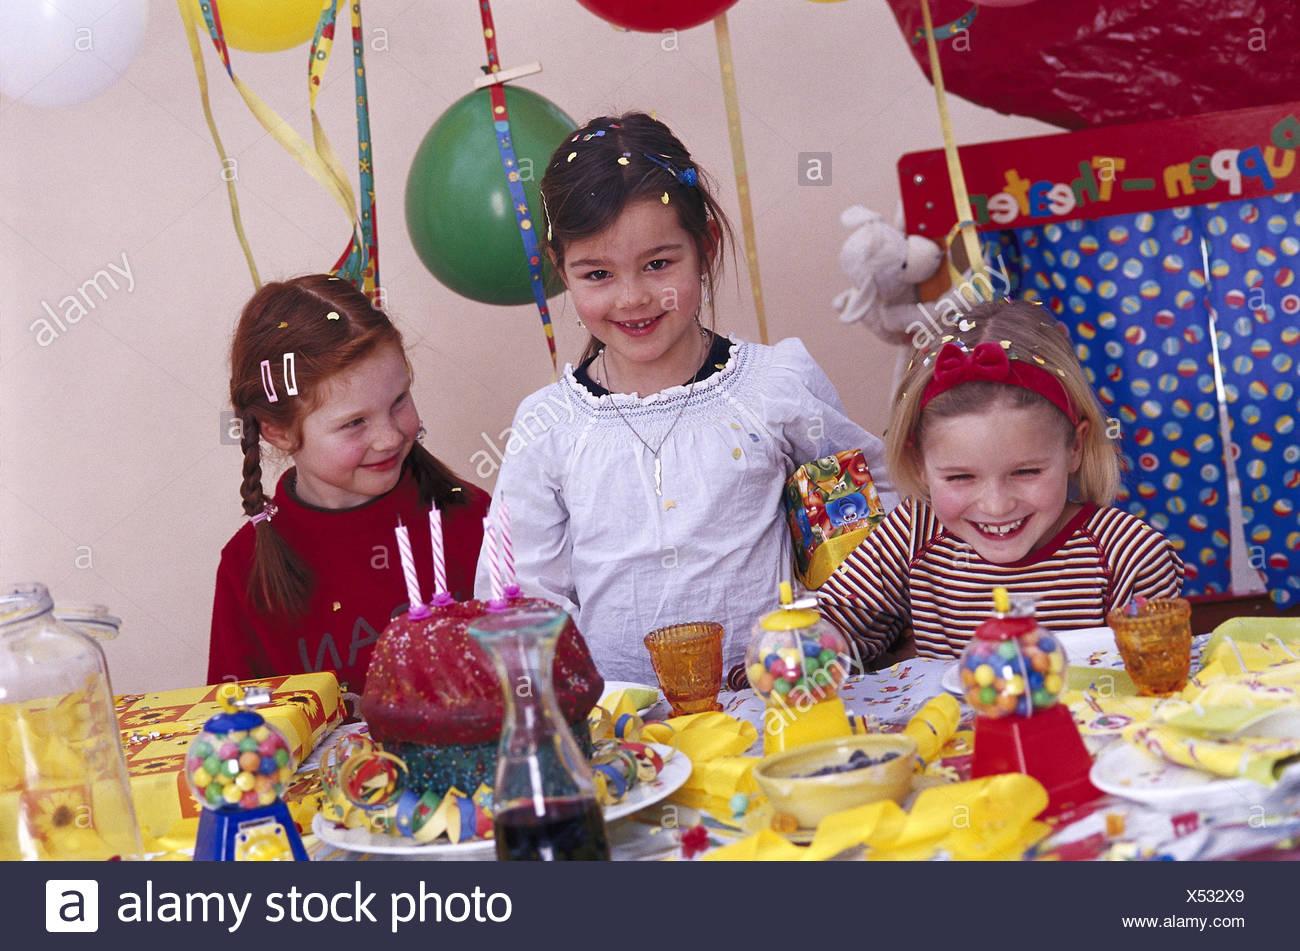 Kindergeburtstag Madchen Geschenk Geburtstag Feier